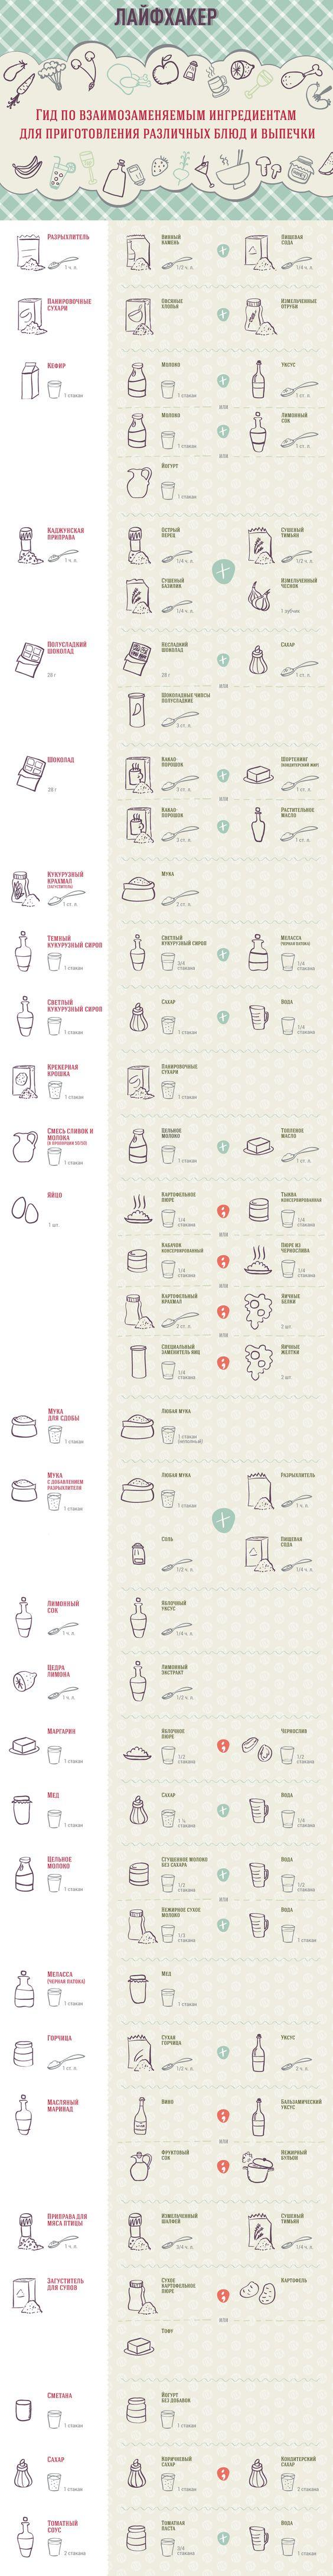 Чем заменить недостающий ингредиент при приготовлении блюда: